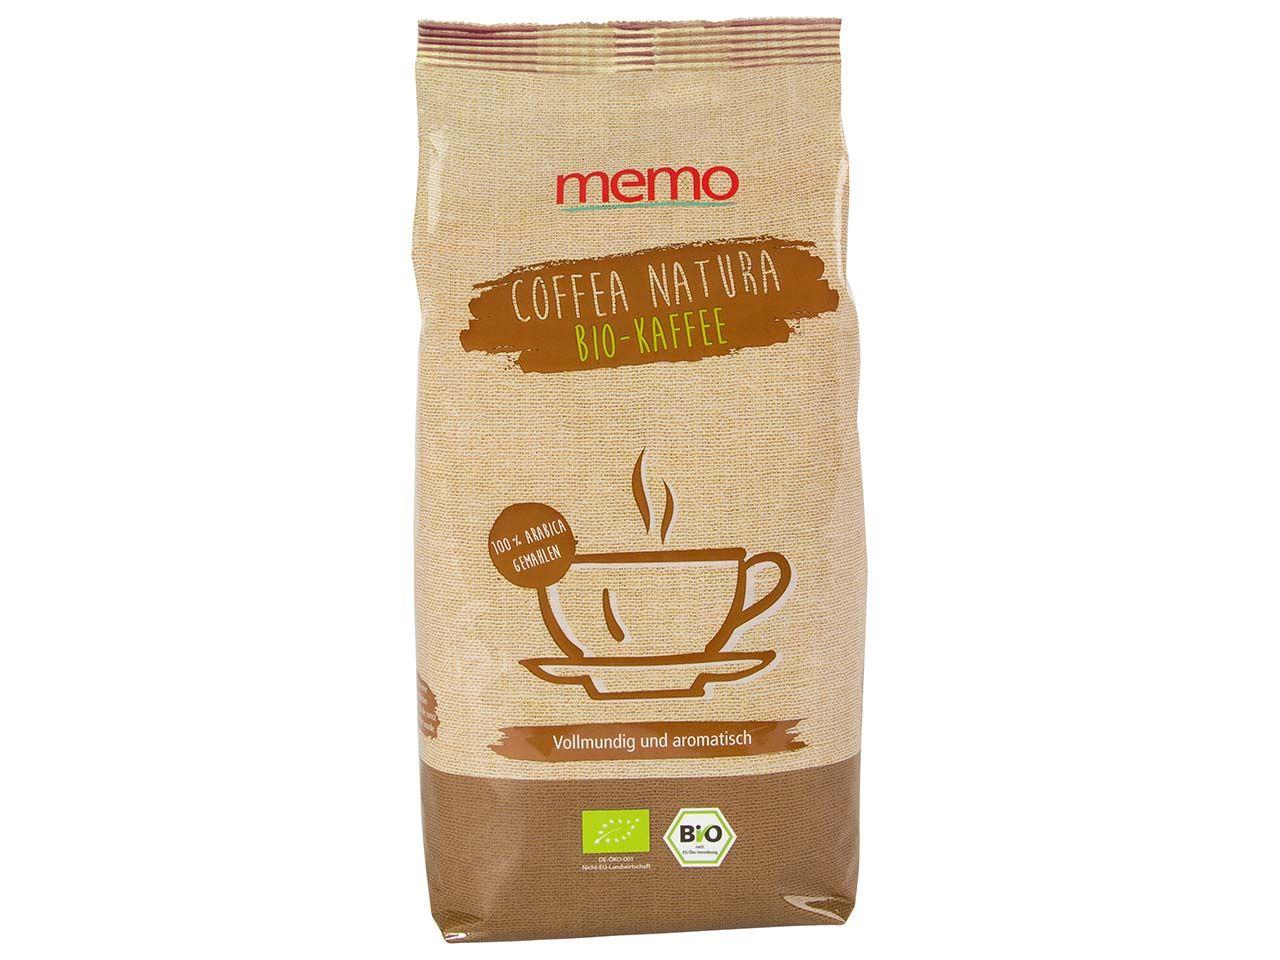 memo Bio-Kaffee